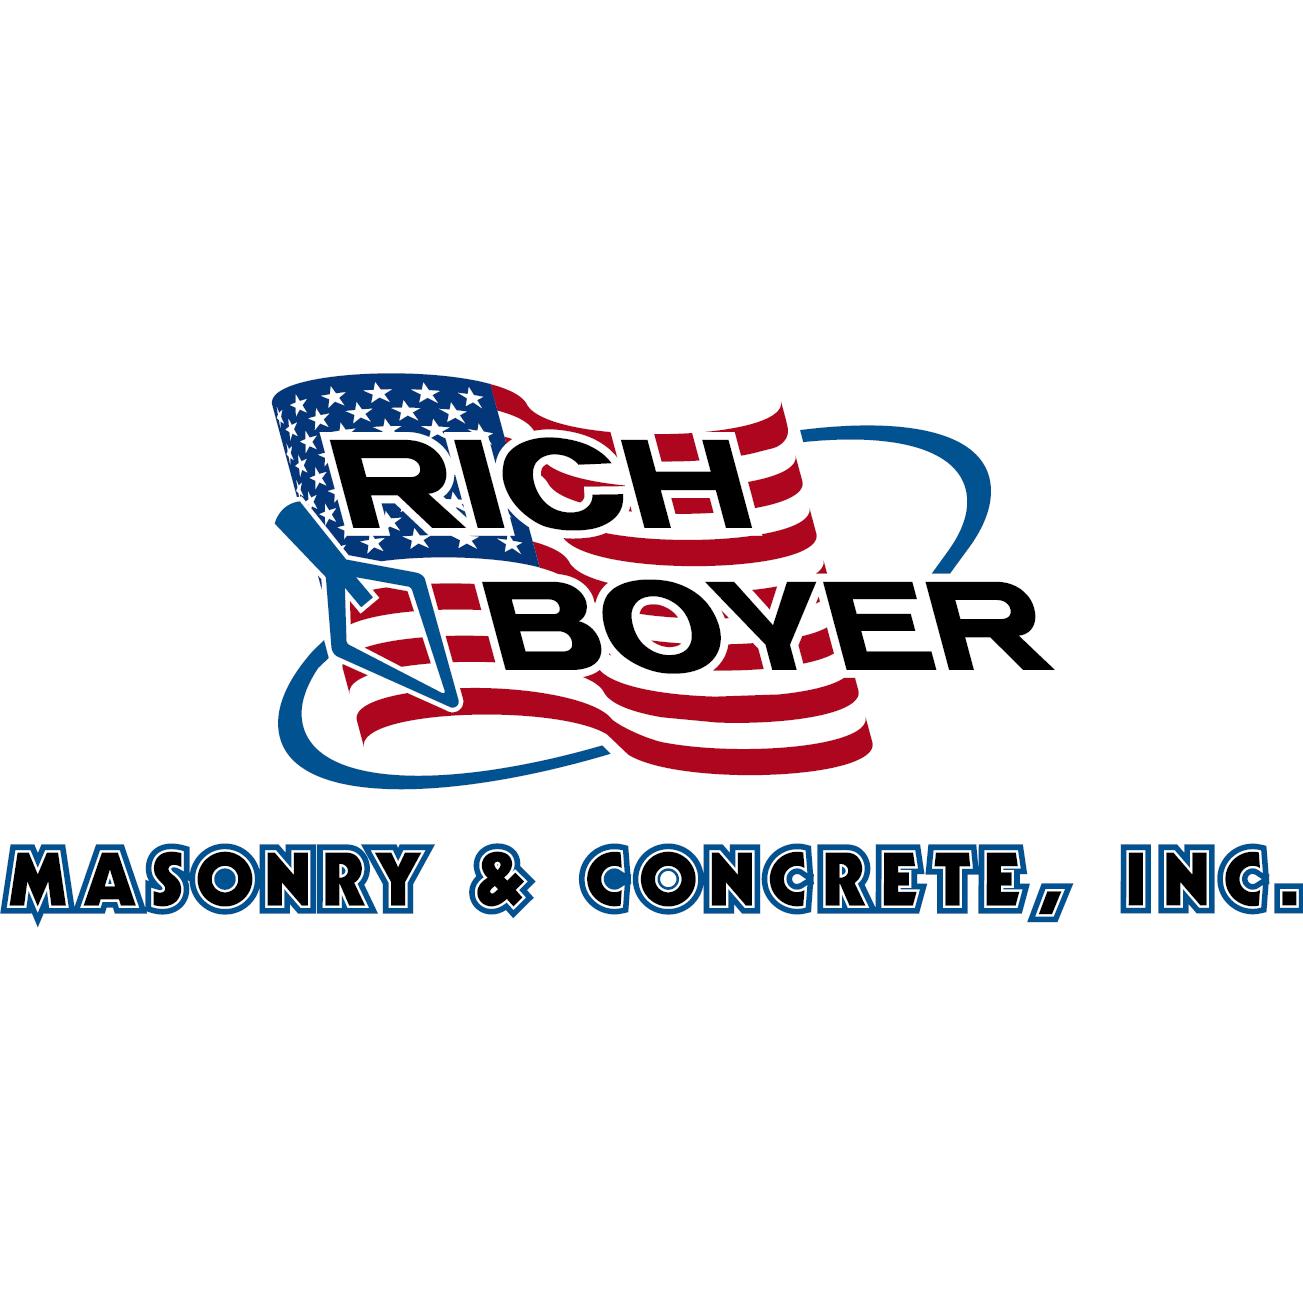 Rich Boyer Concrete & Masonry, Inc.